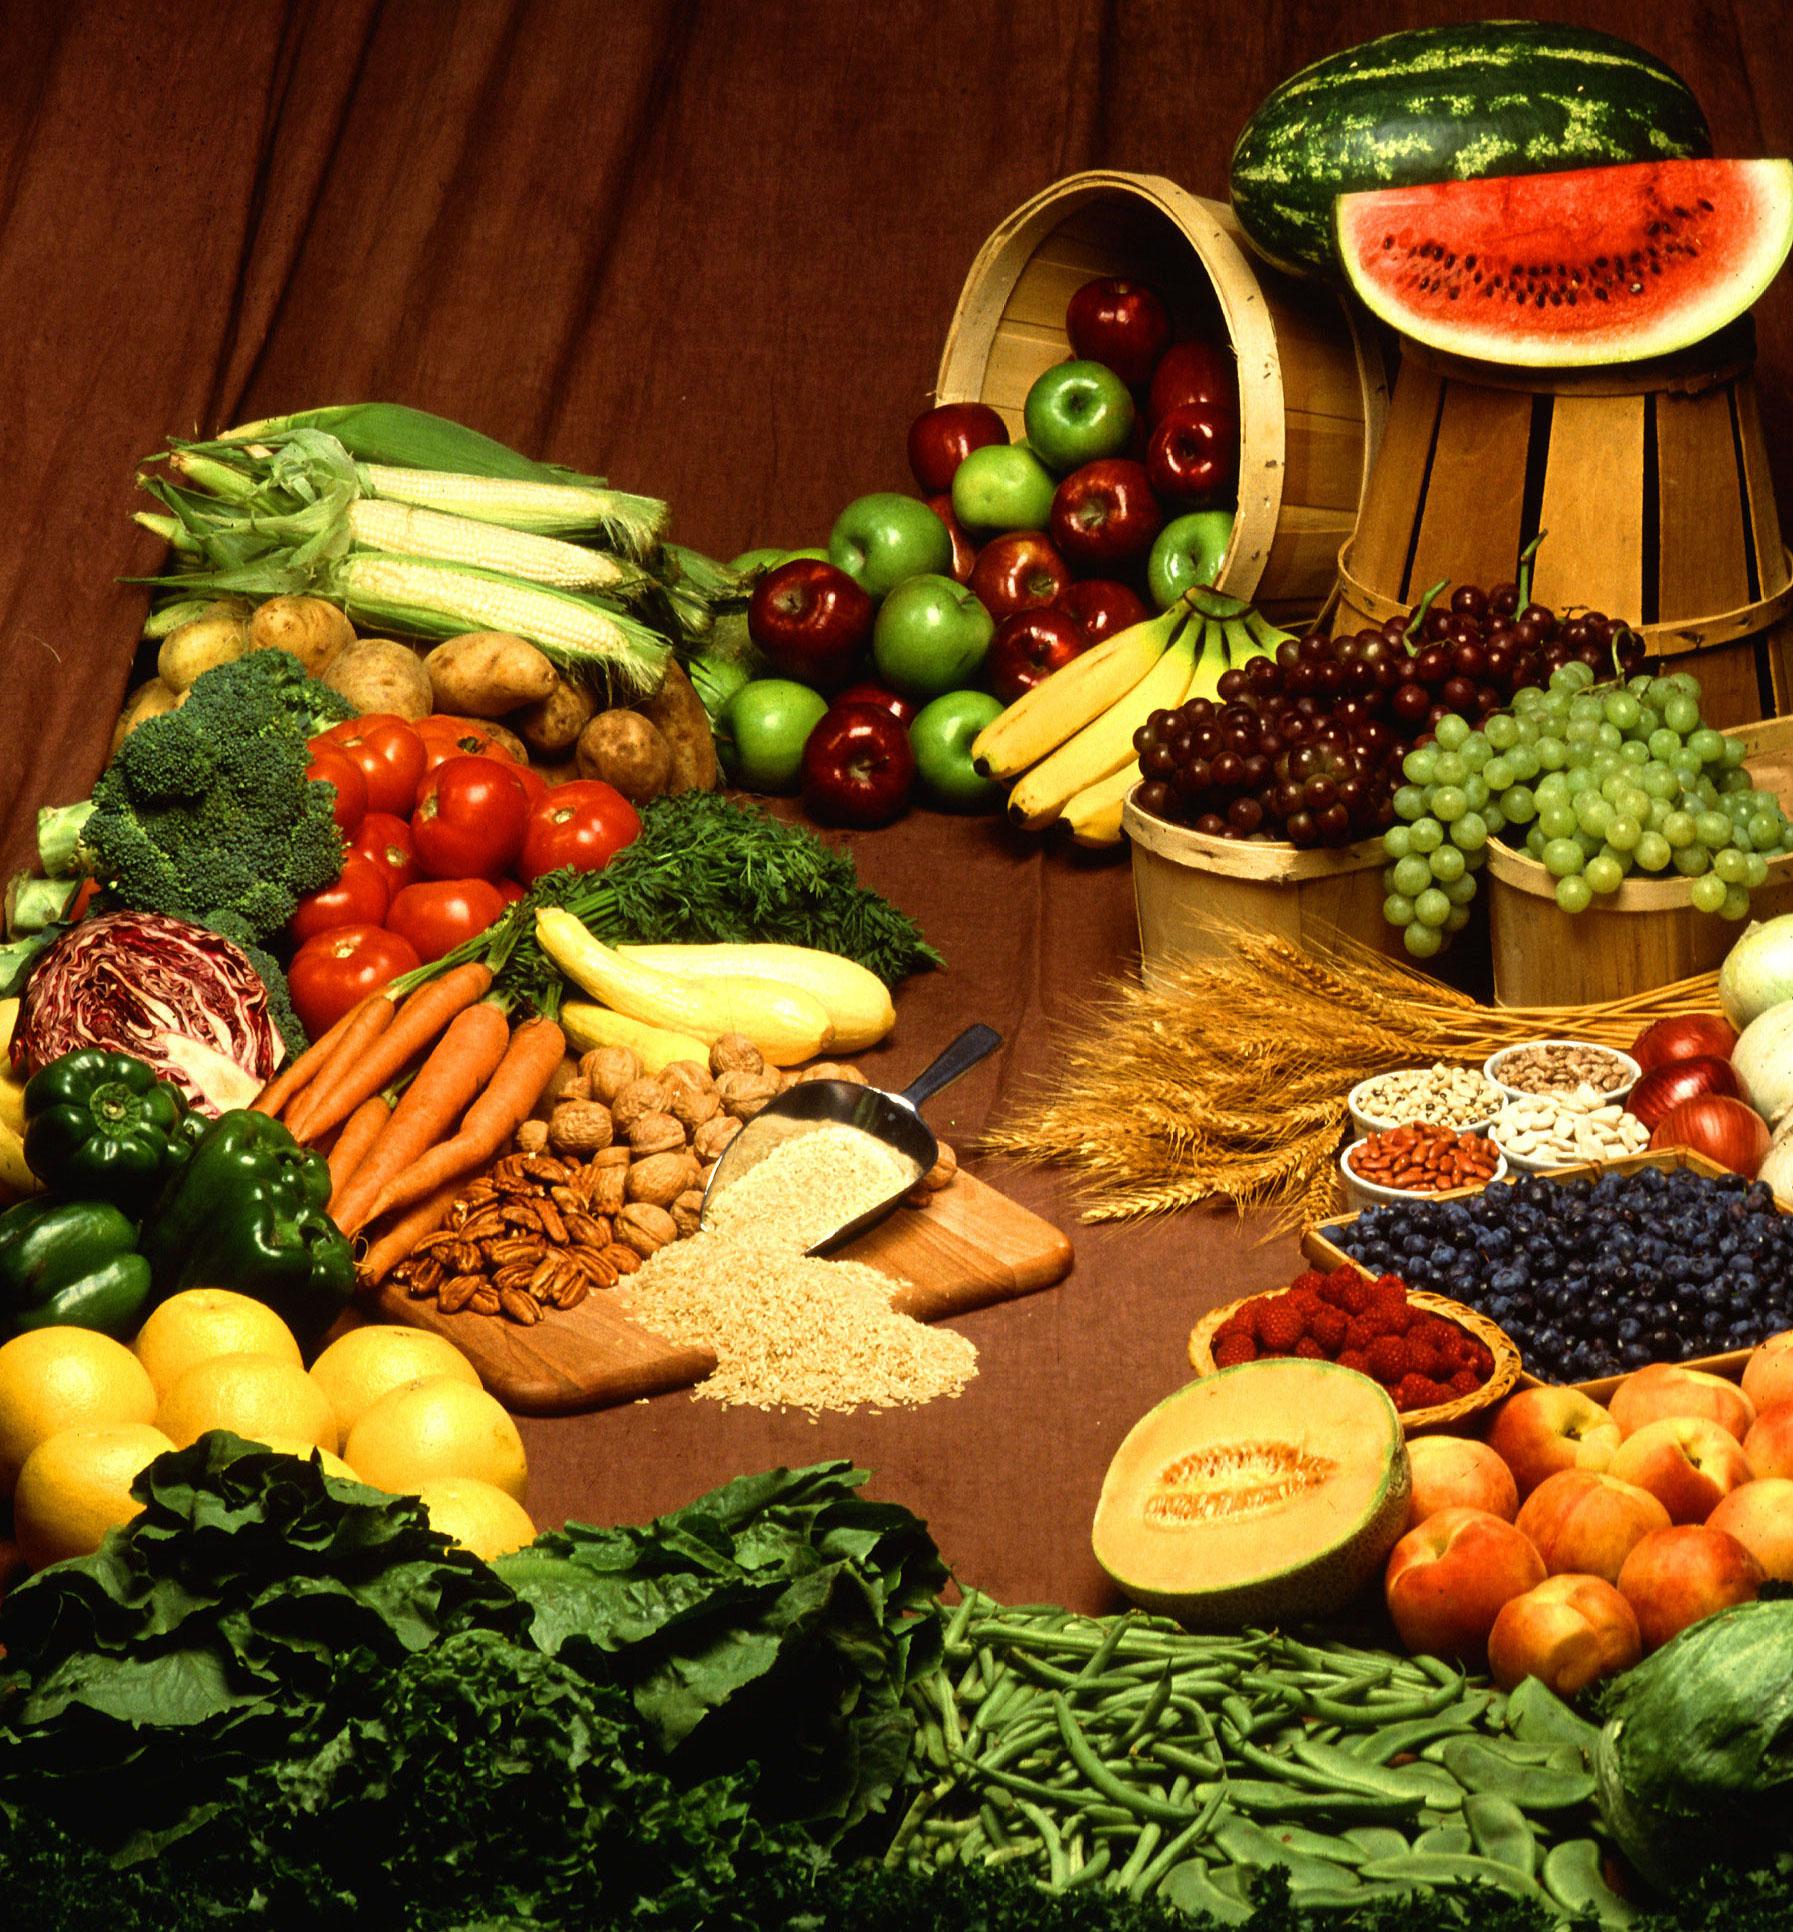 Le régime IG privilégie les aliments à index glycémique bas, tels que les légumes ou les fruits qui sont ici présentés : tomates, brocolis, haricots, melons, framboises, bananes, pommes, noix...